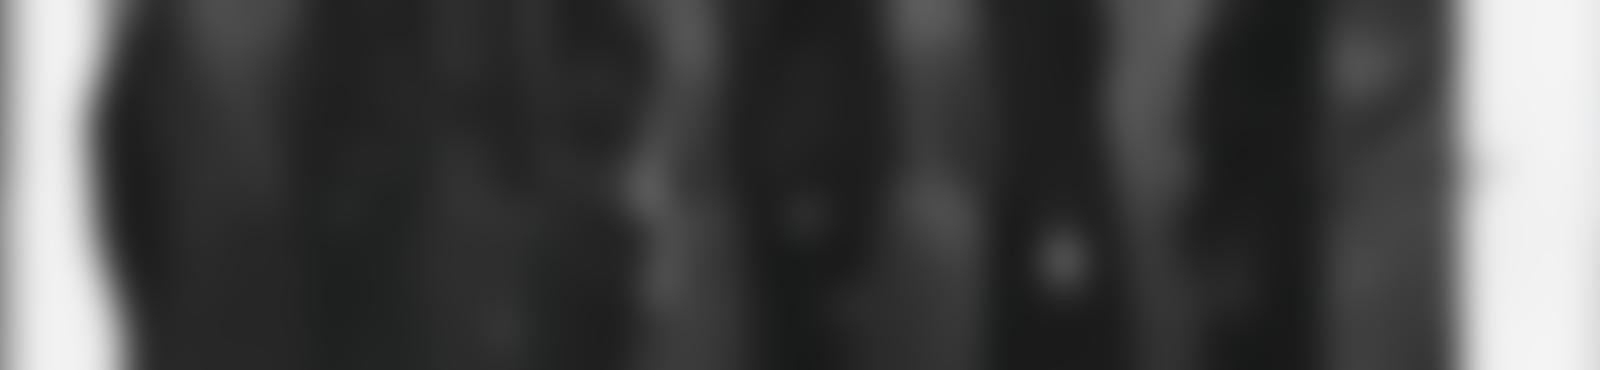 Blurred 566af4b9 e286 43e5 9441 29cd9de8961d